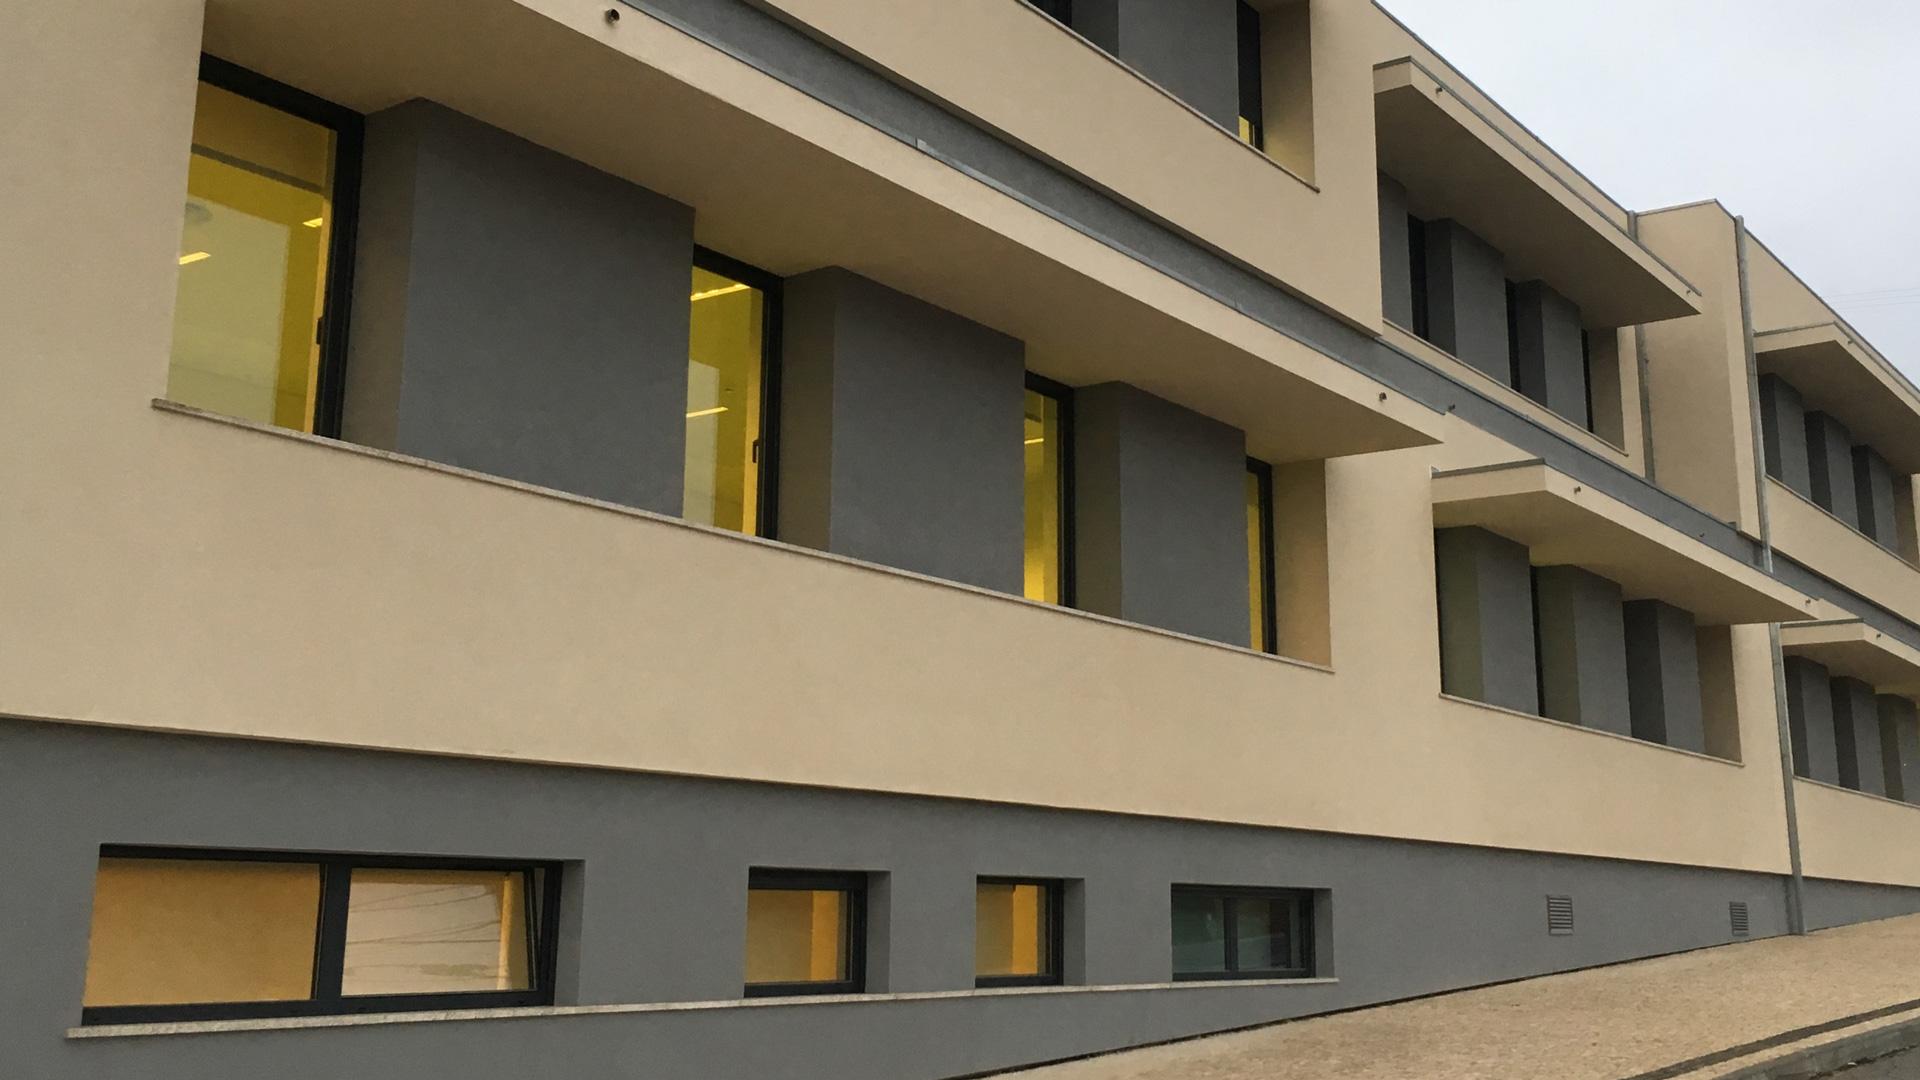 Escola Superior de Enfermagem – Cruz Vermelha Portuguesa de Oliveira de  Azeméis d17780f64c7f6